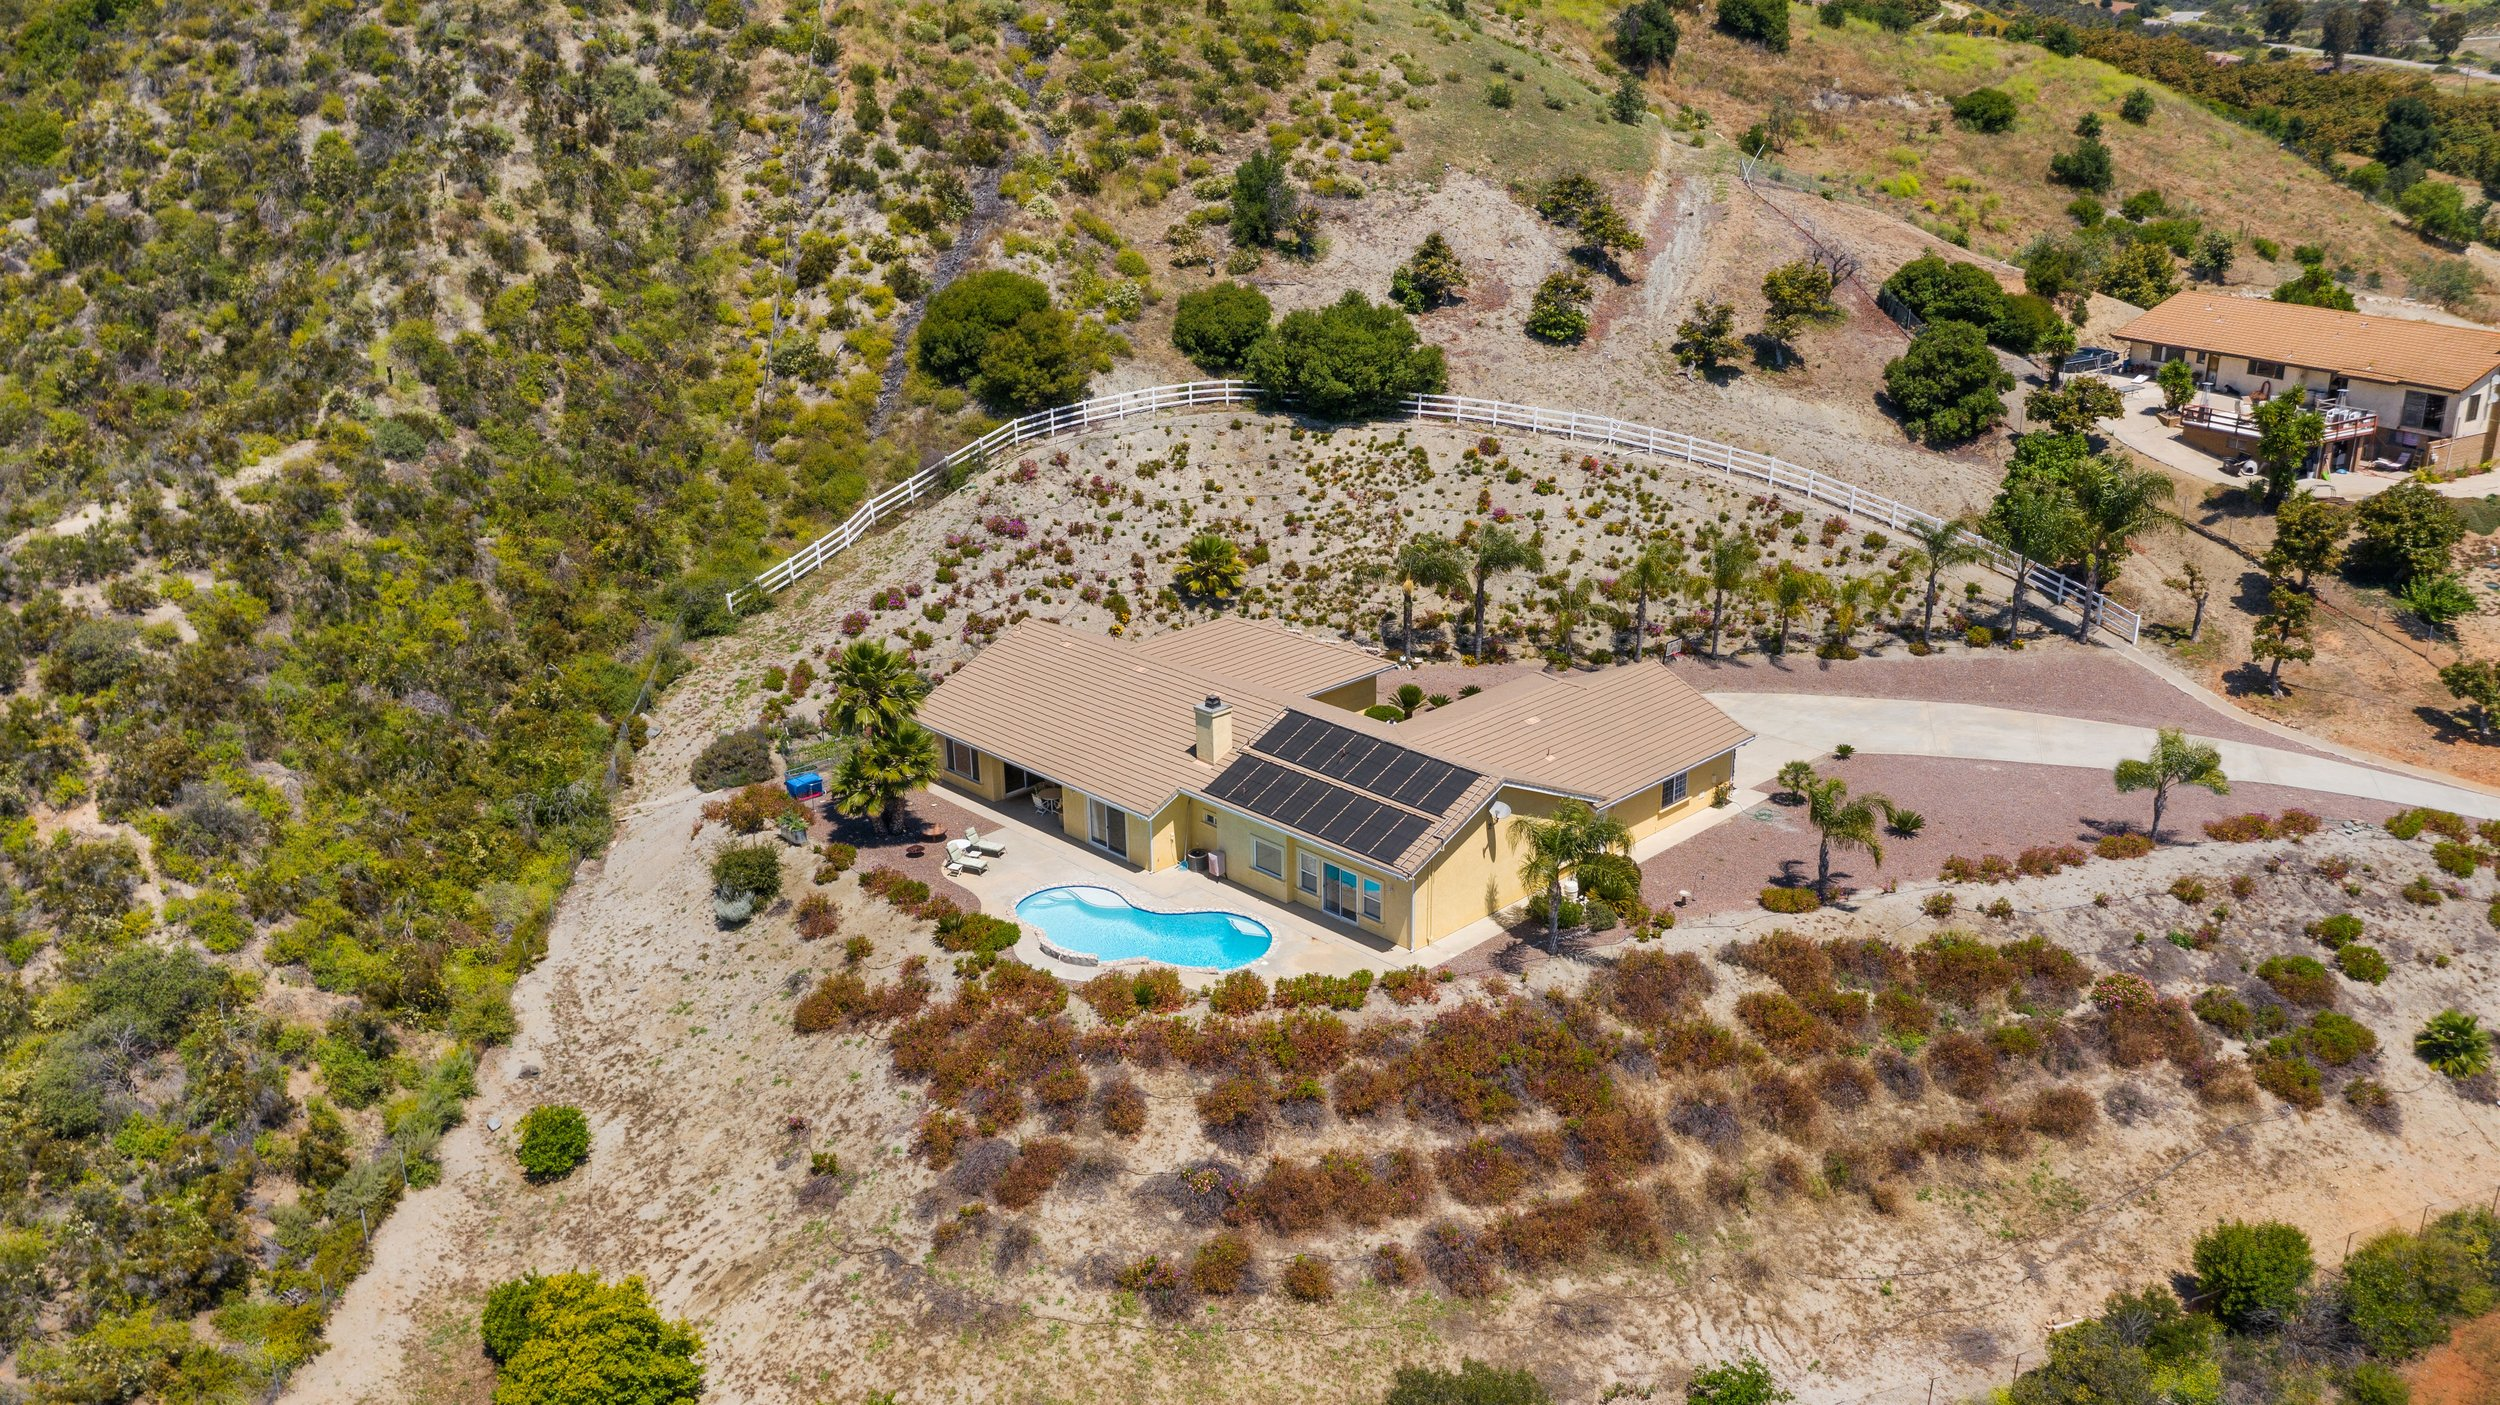 052_Aerial Back View.jpg